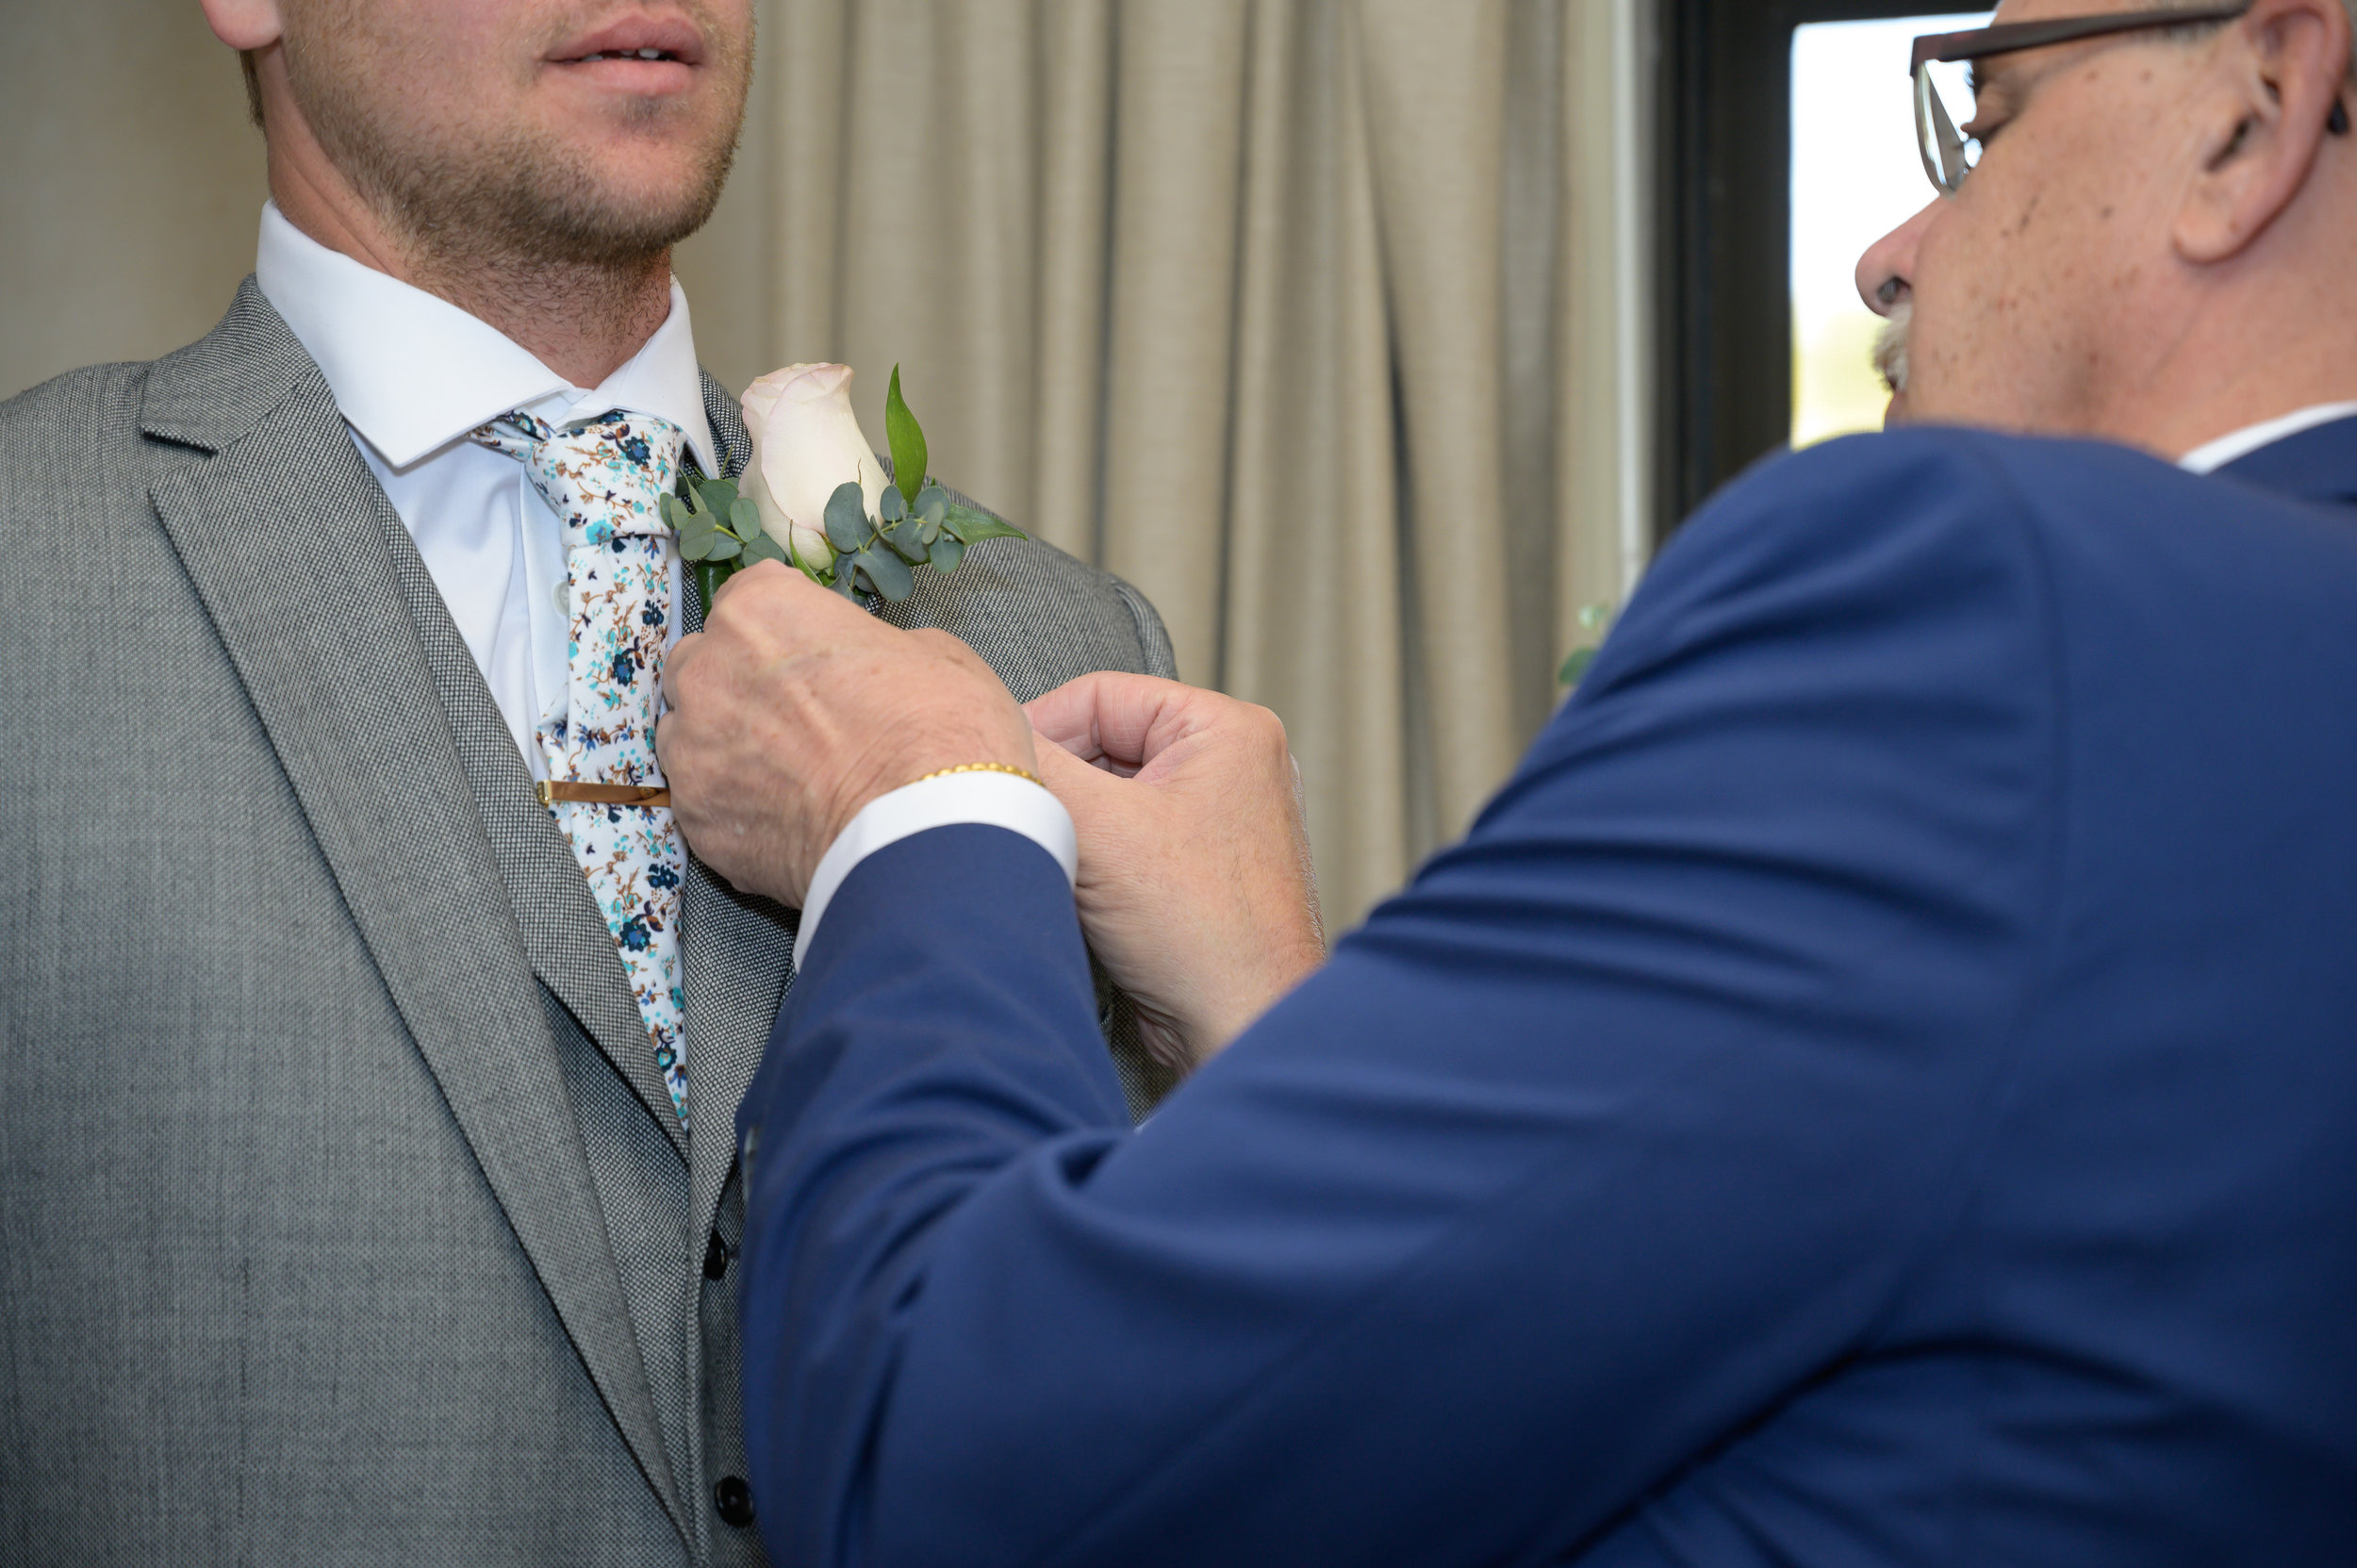 laconia-margate-wedding-photography-56.jpg